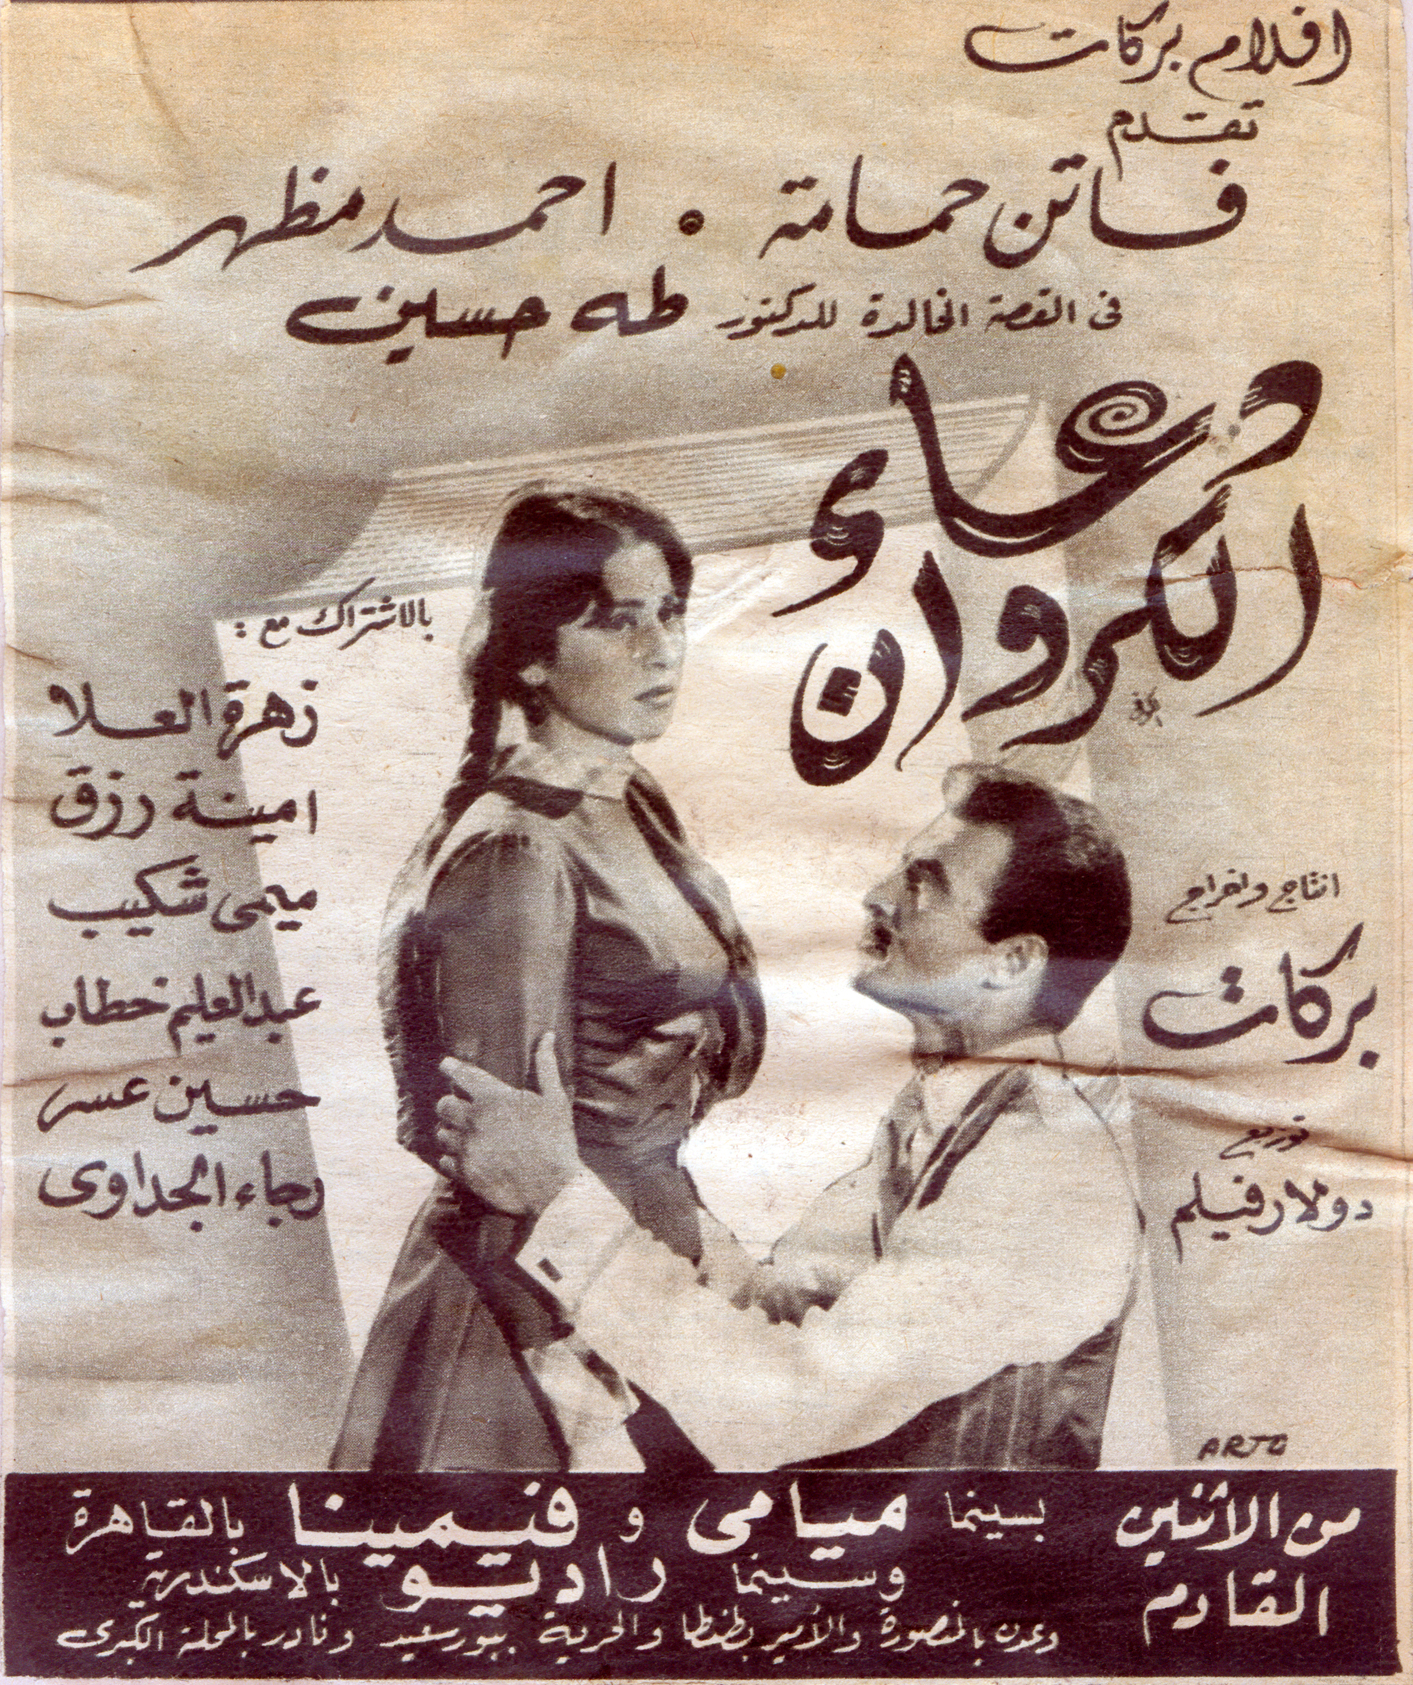 دعاء-الكروان-1959.jpg